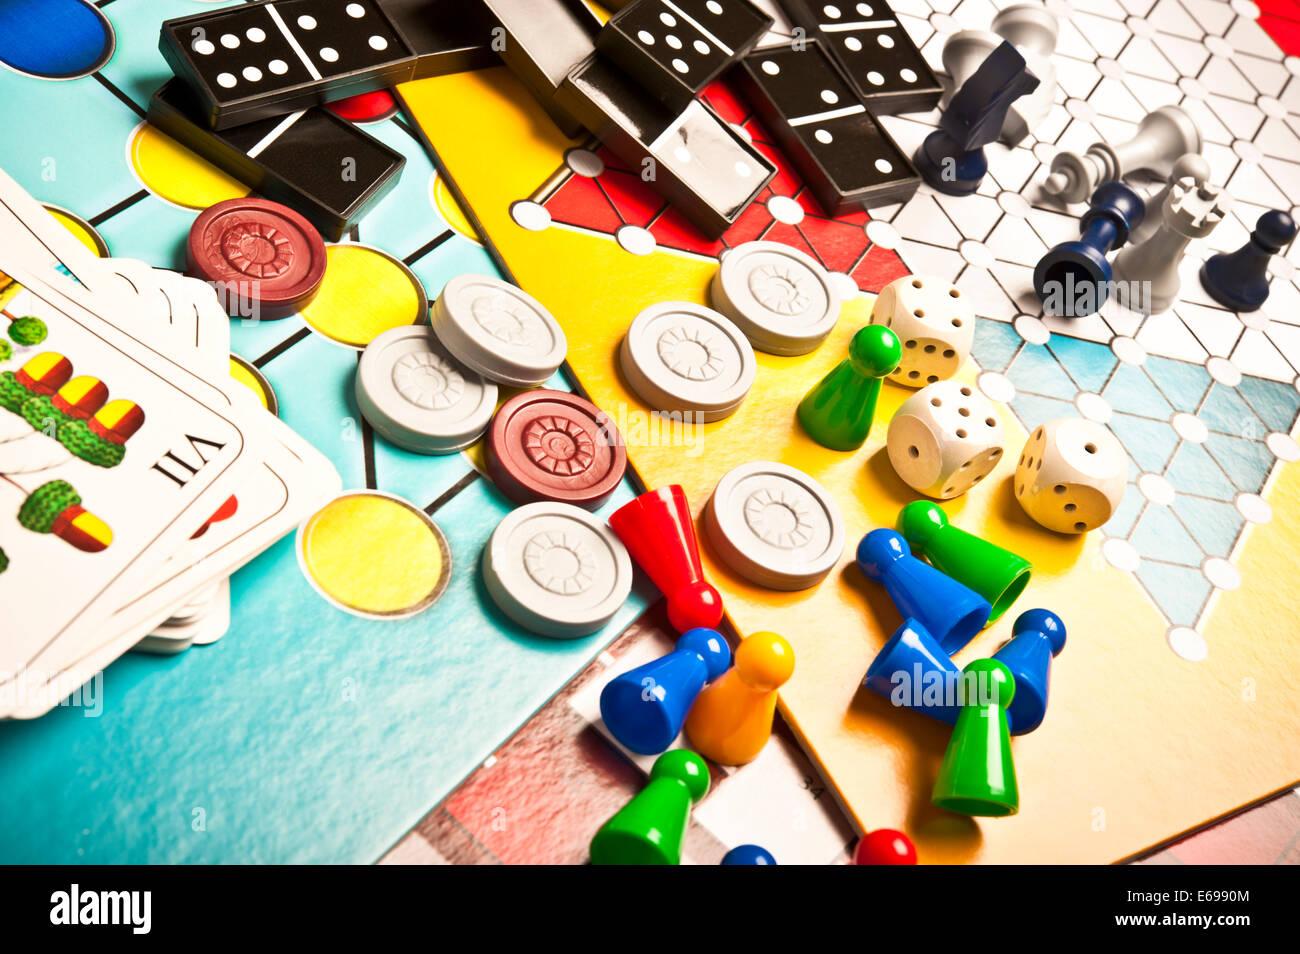 Varios Juegos De Mesa Foto Imagen De Stock 72734052 Alamy